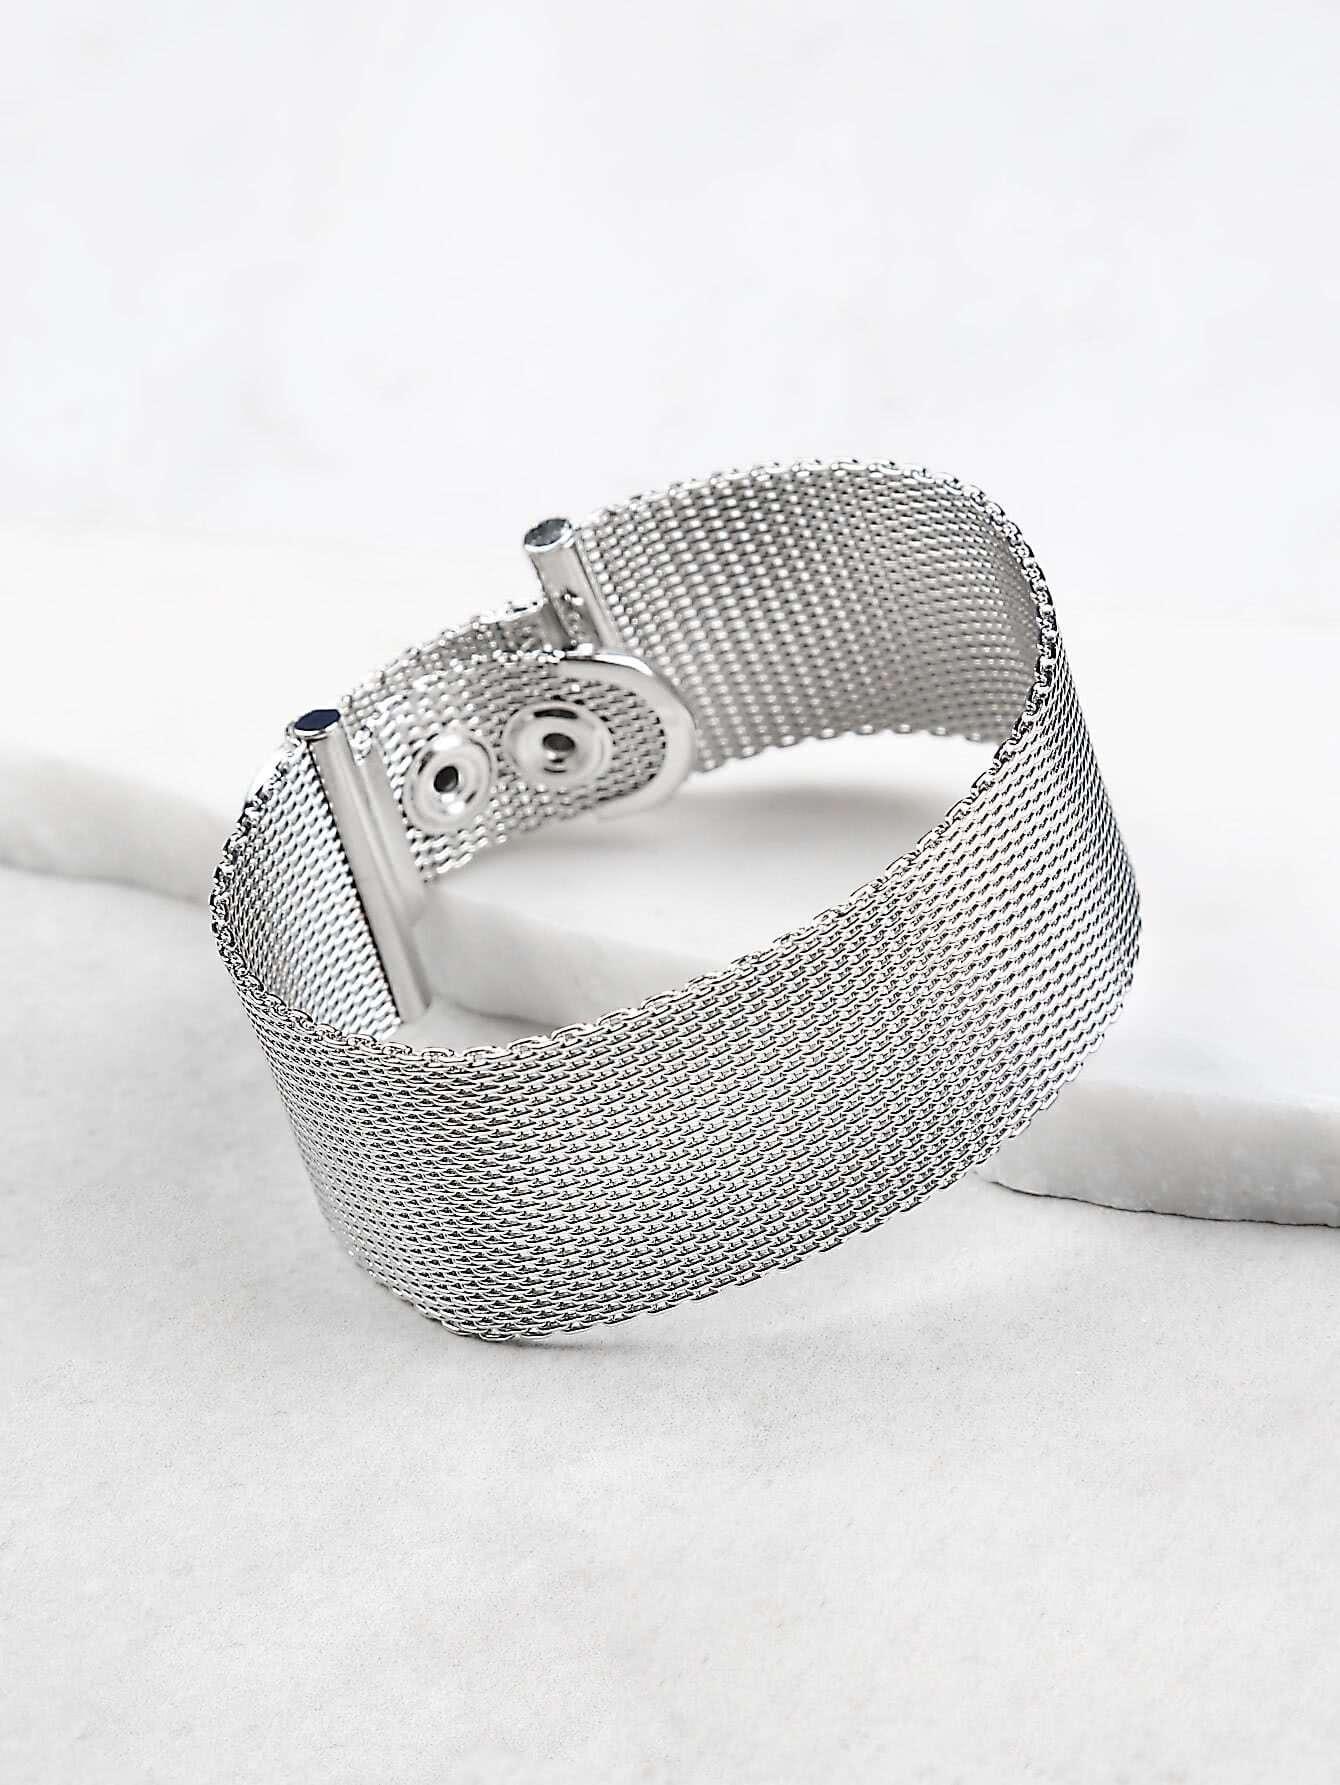 Thick silver bracelets